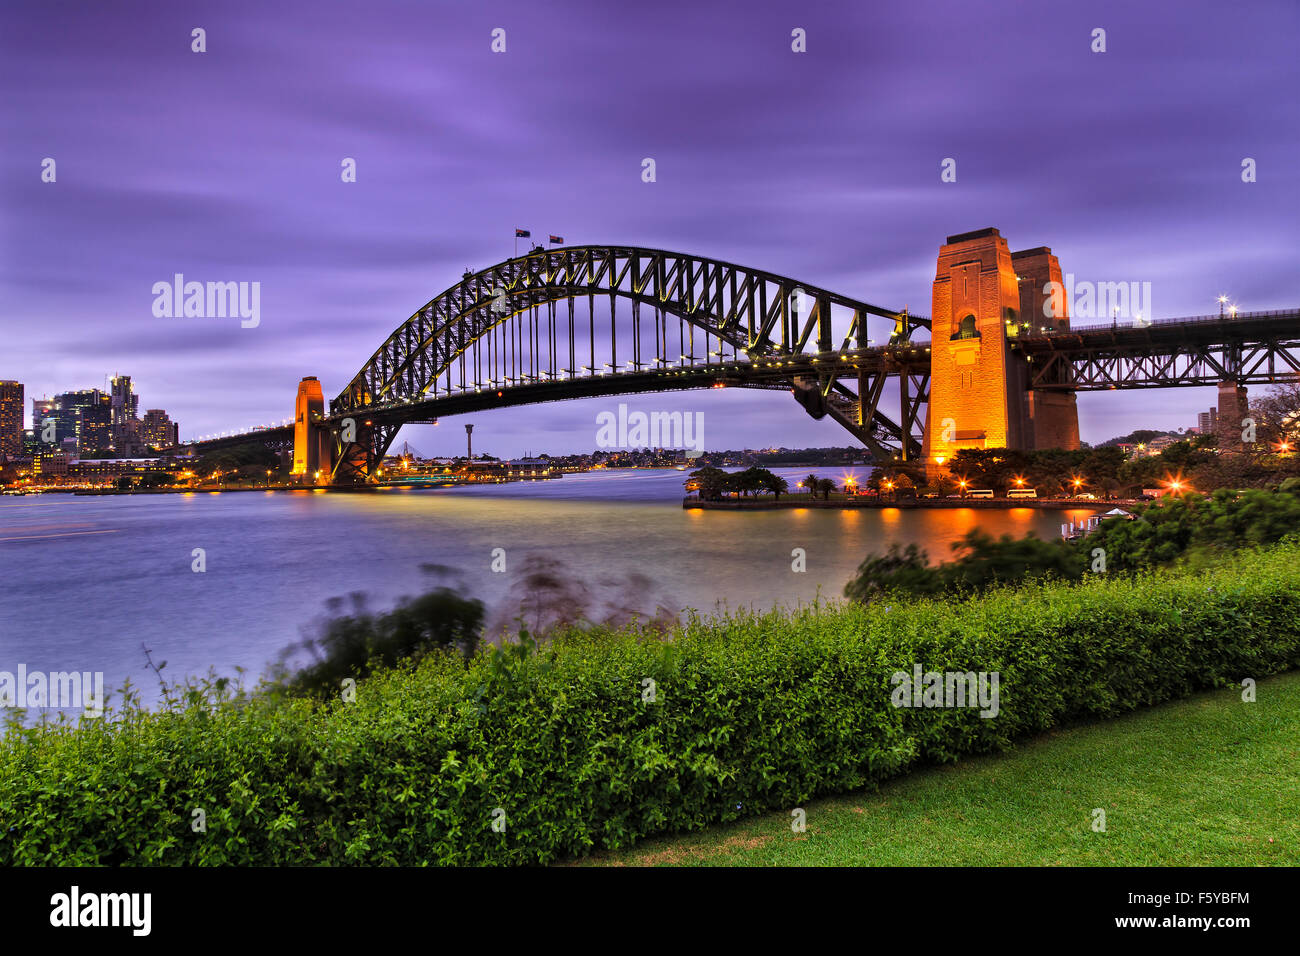 Vista laterale del famoso Ponte del Porto di Sydney al Tramonto con illuminazione dal verde parco ricreativo in Immagini Stock